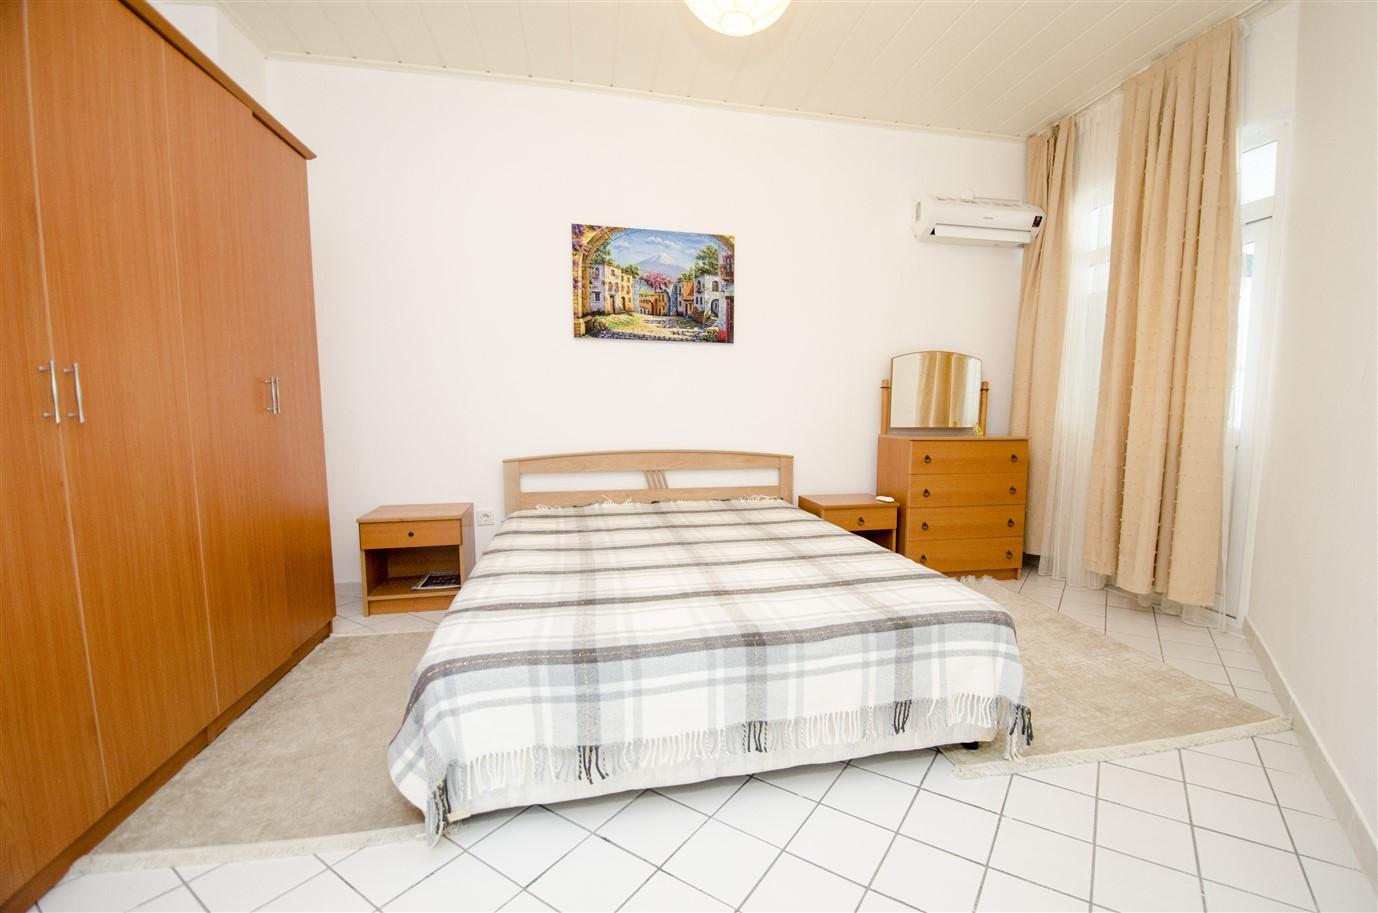 Квартира 1+1 с мебелью в районе Лиман Коньяалты Анталия - Фото 12